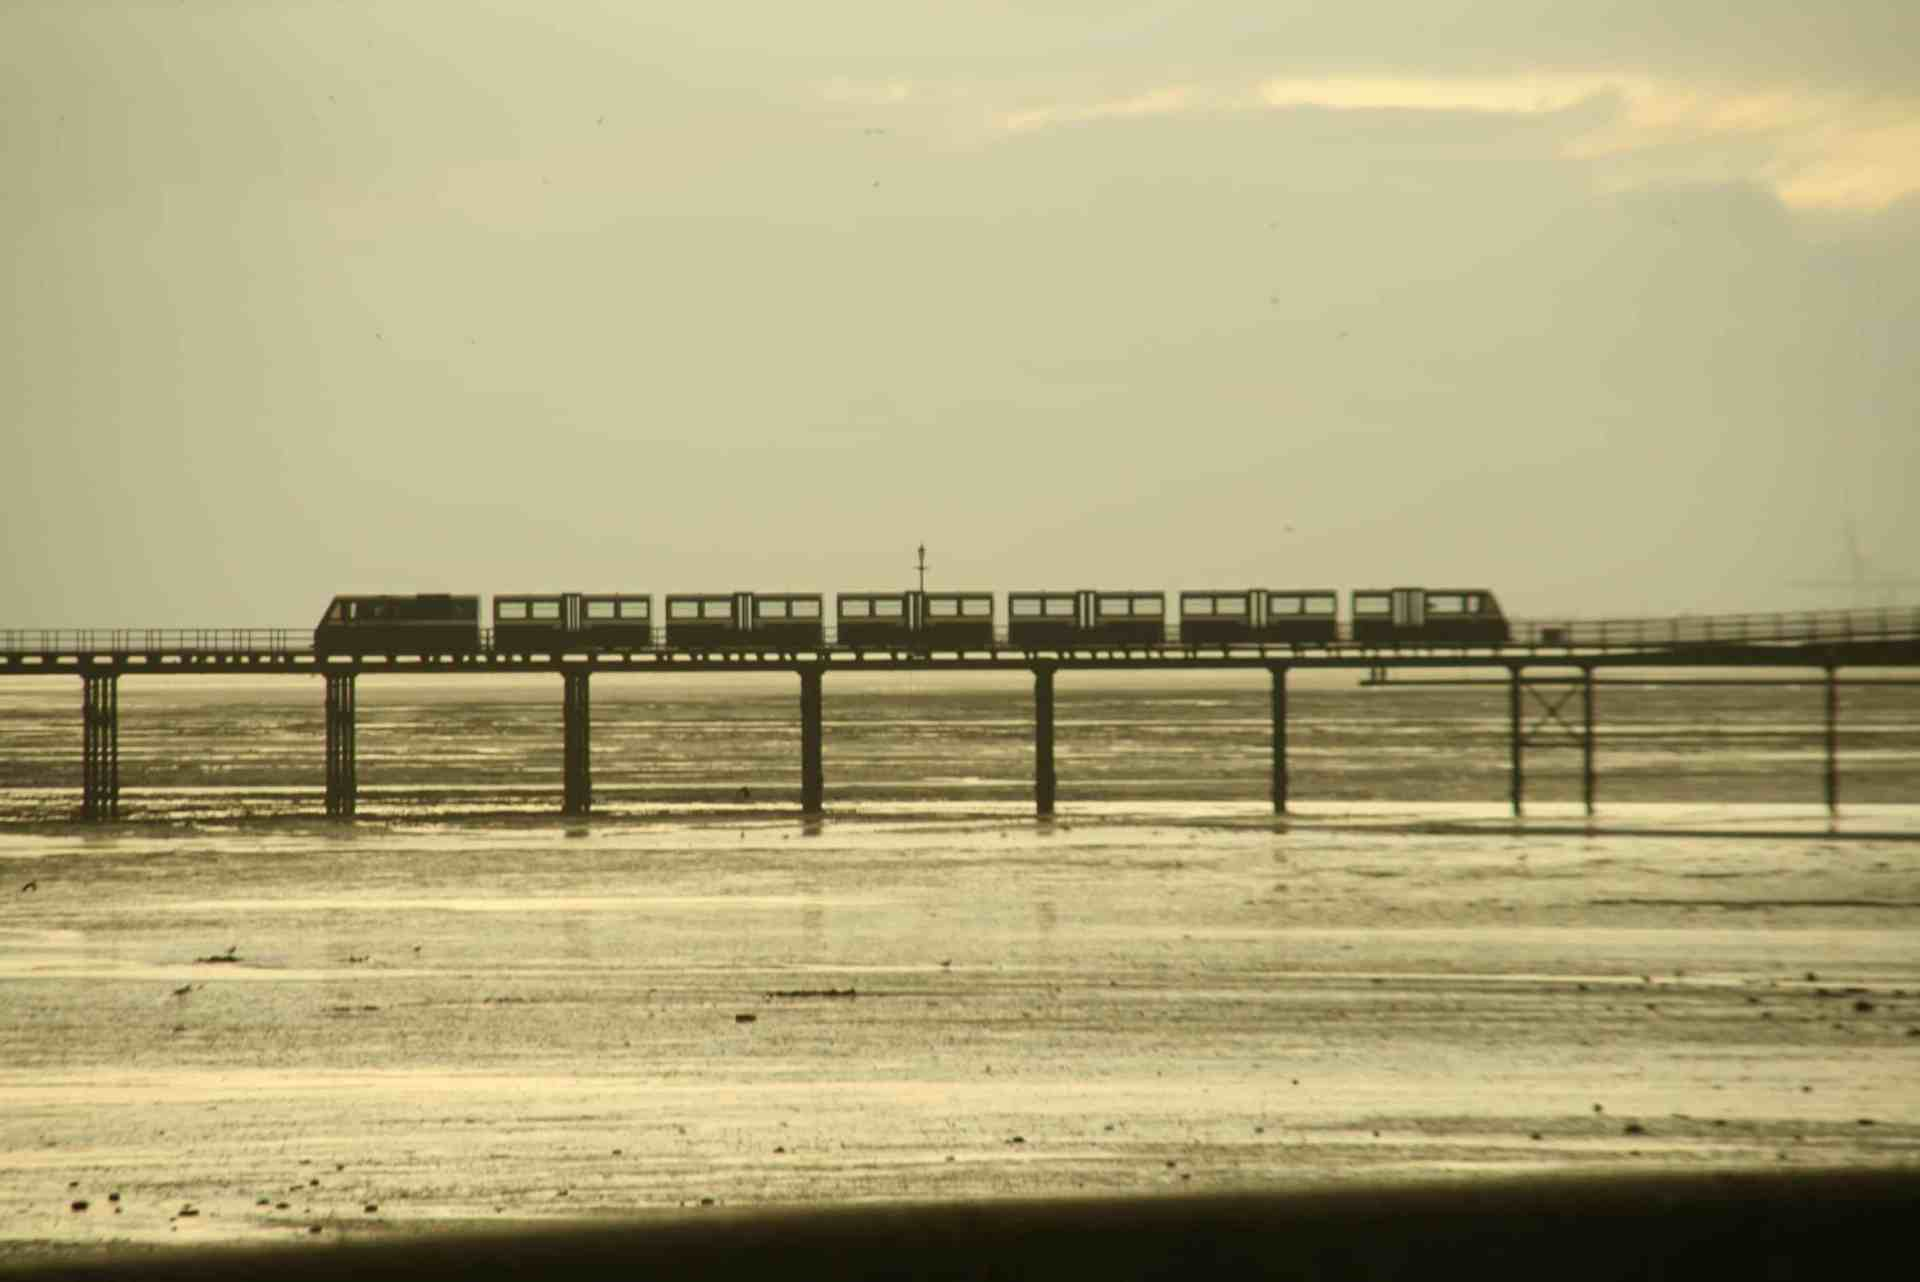 Train rides across Southend Pier, Essex